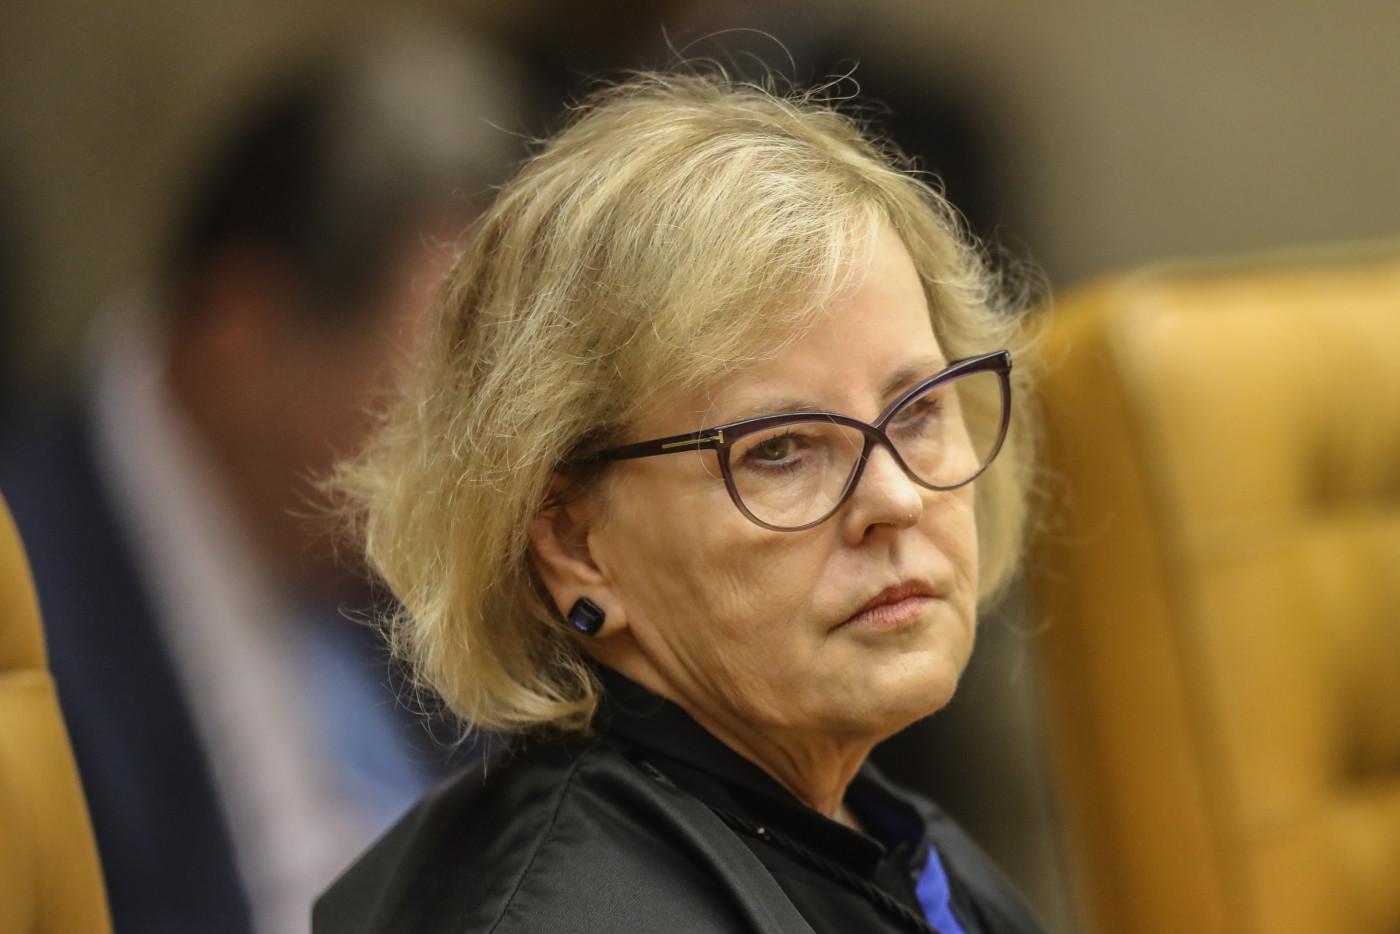 Ministra do STF em plenário da Corte